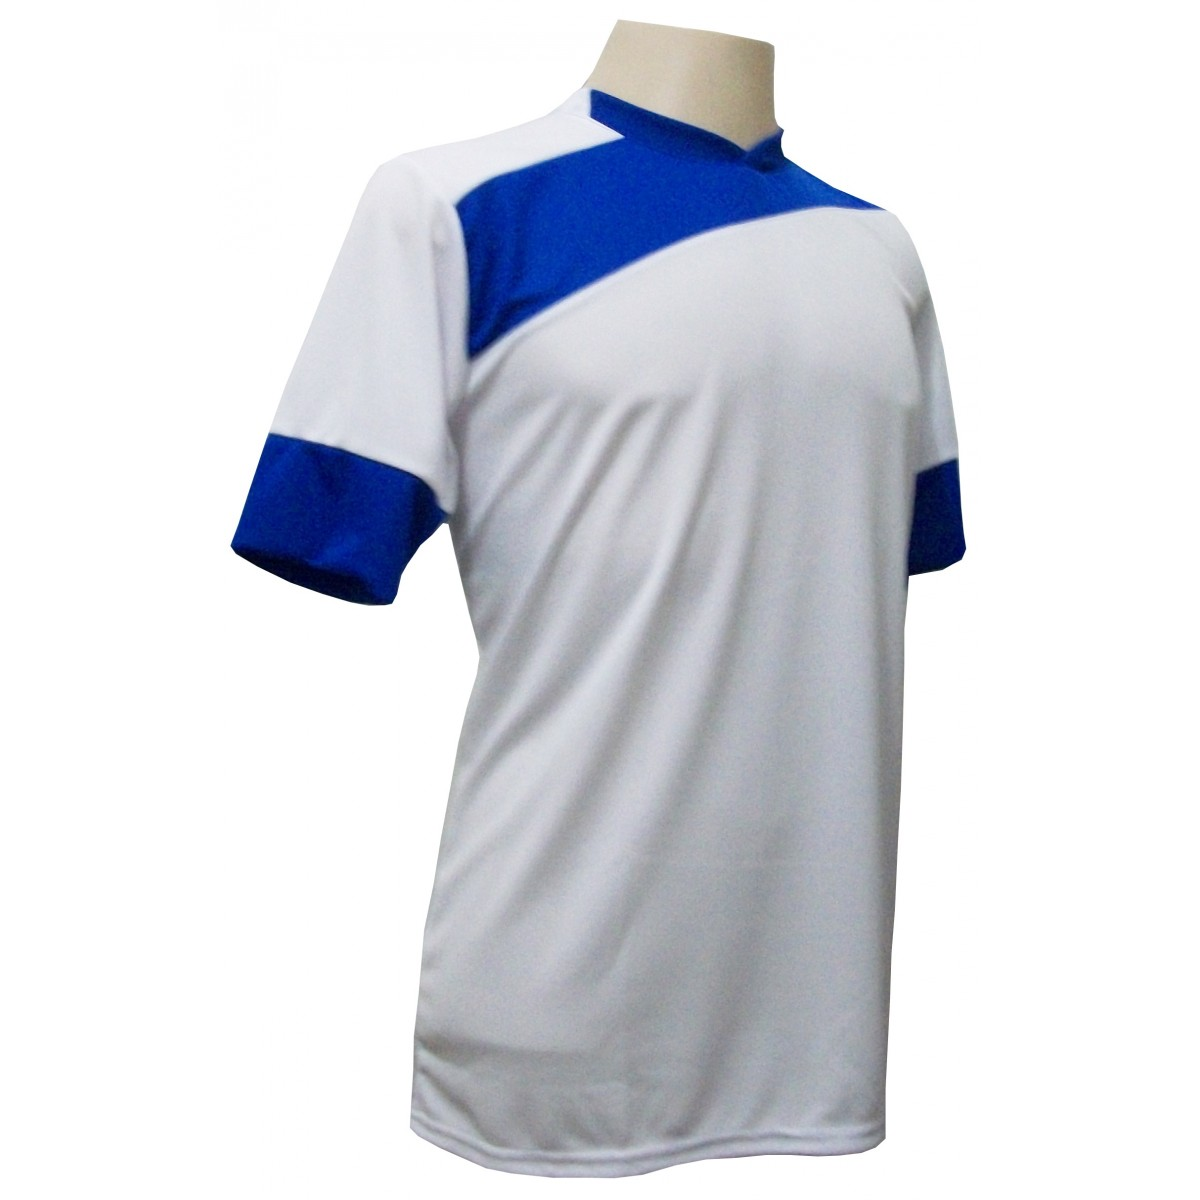 Jogo de Camisa com 14 unidades modelo Sporting Branco/Royal + Brindes